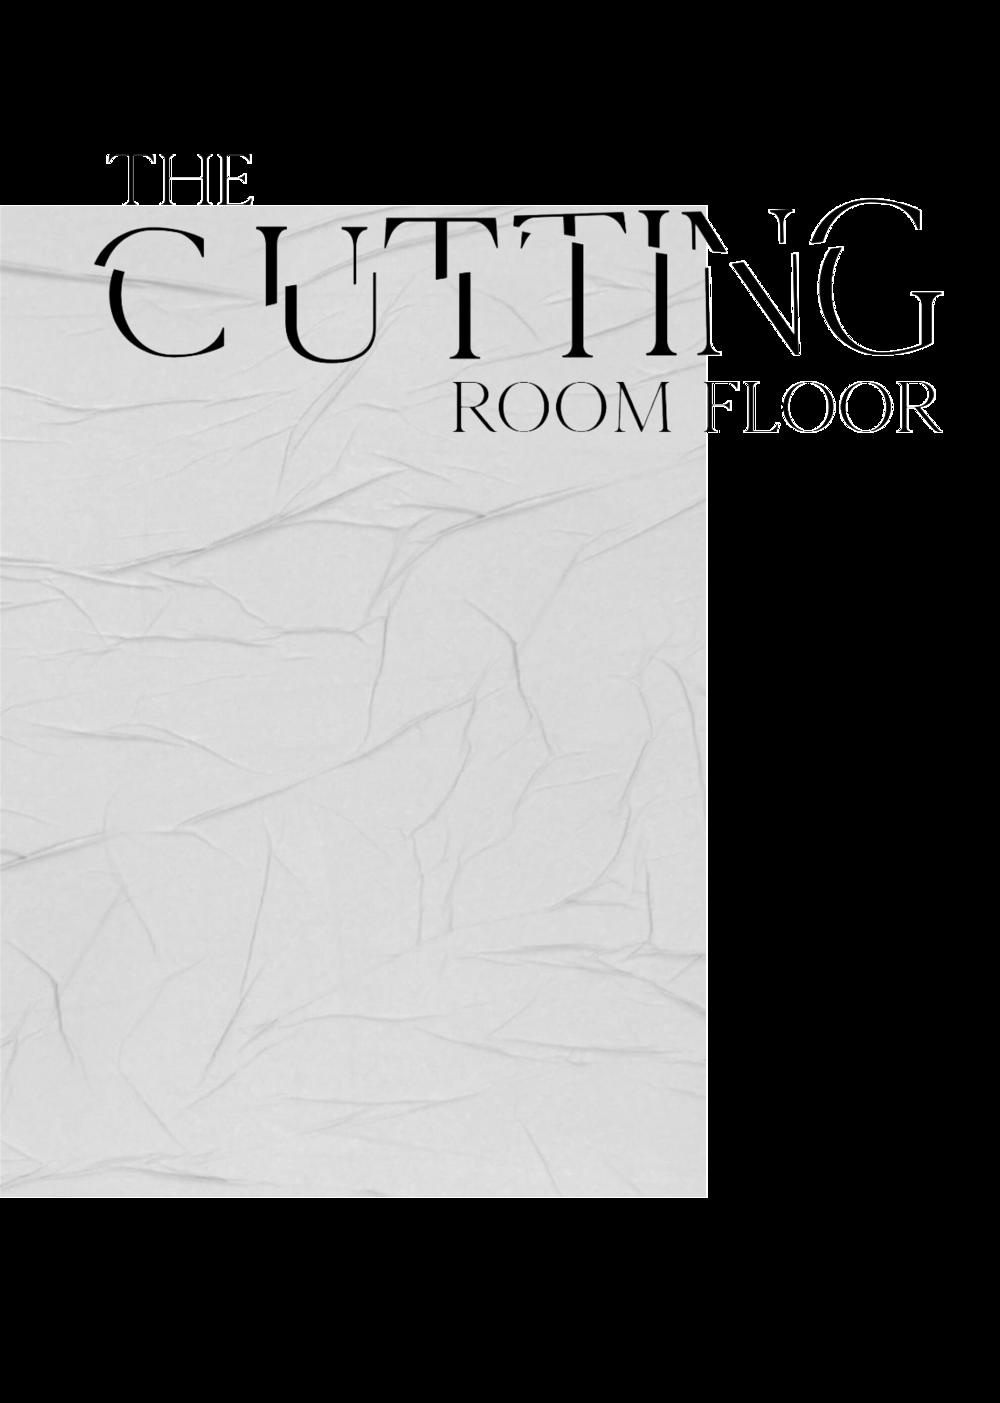 cuttingroomfloor_transparent_2.png